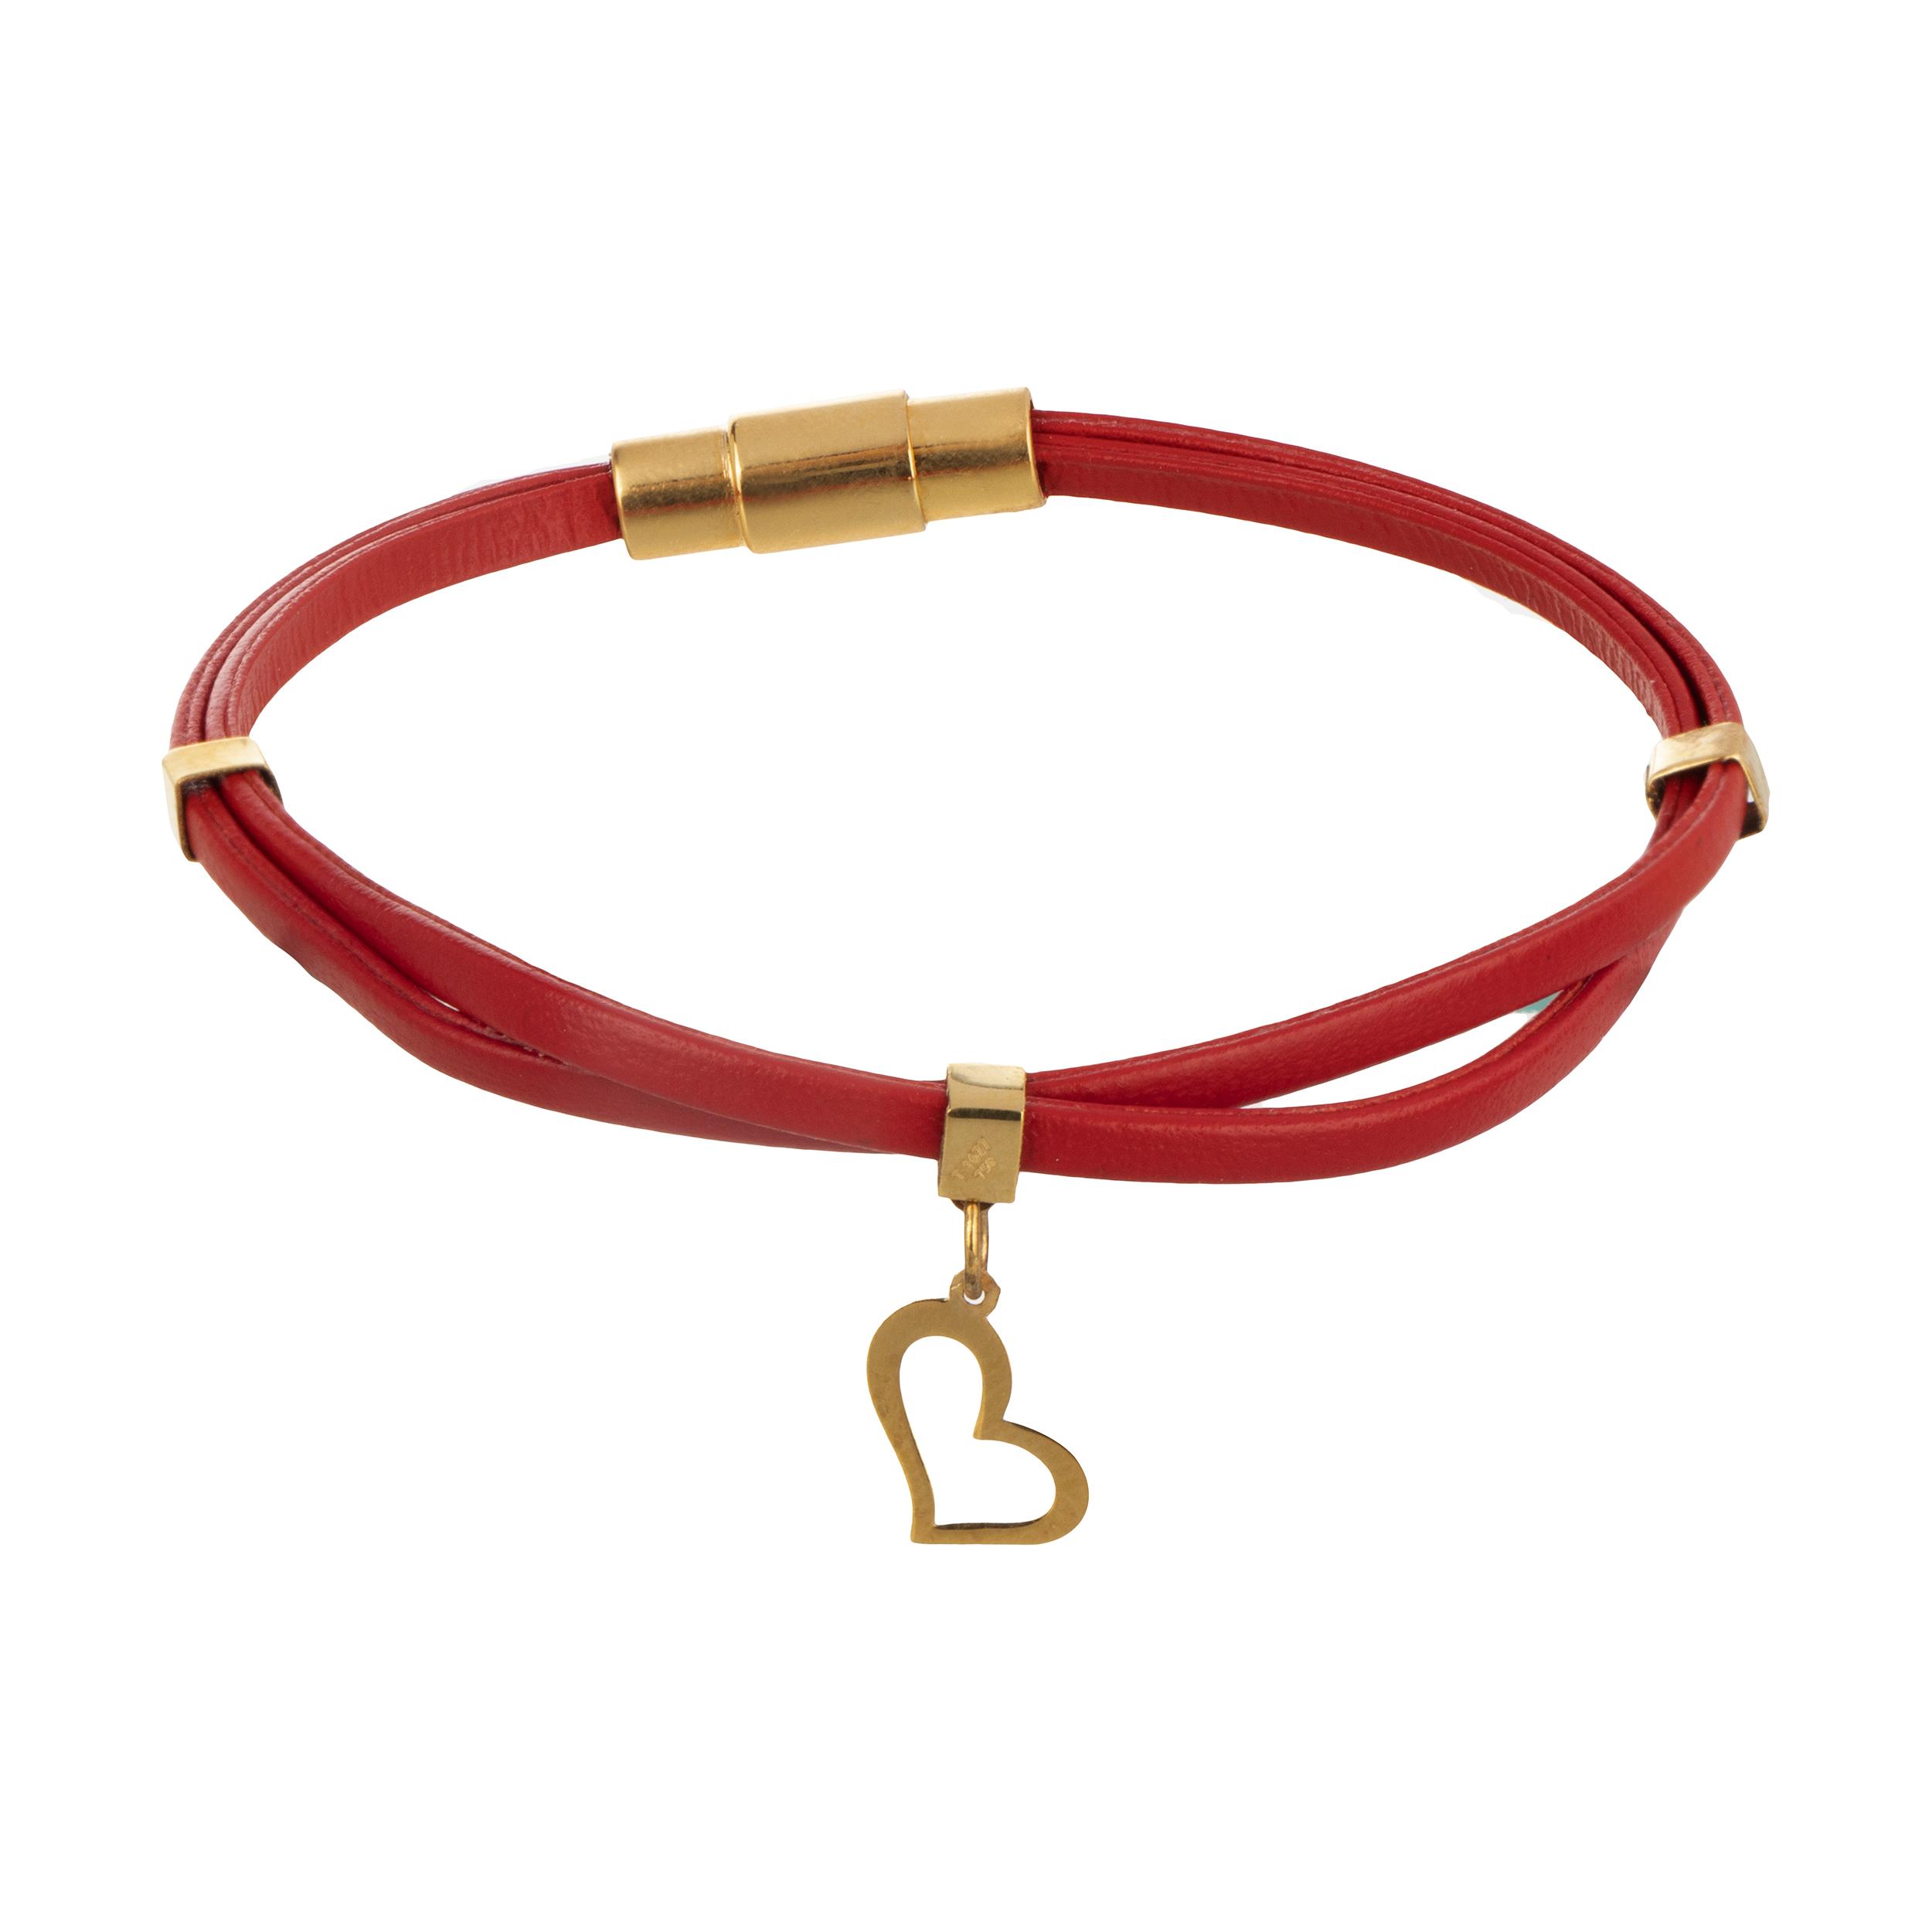 دستبند طلا زنانه,دستبند طلا زنانه گالری روبی